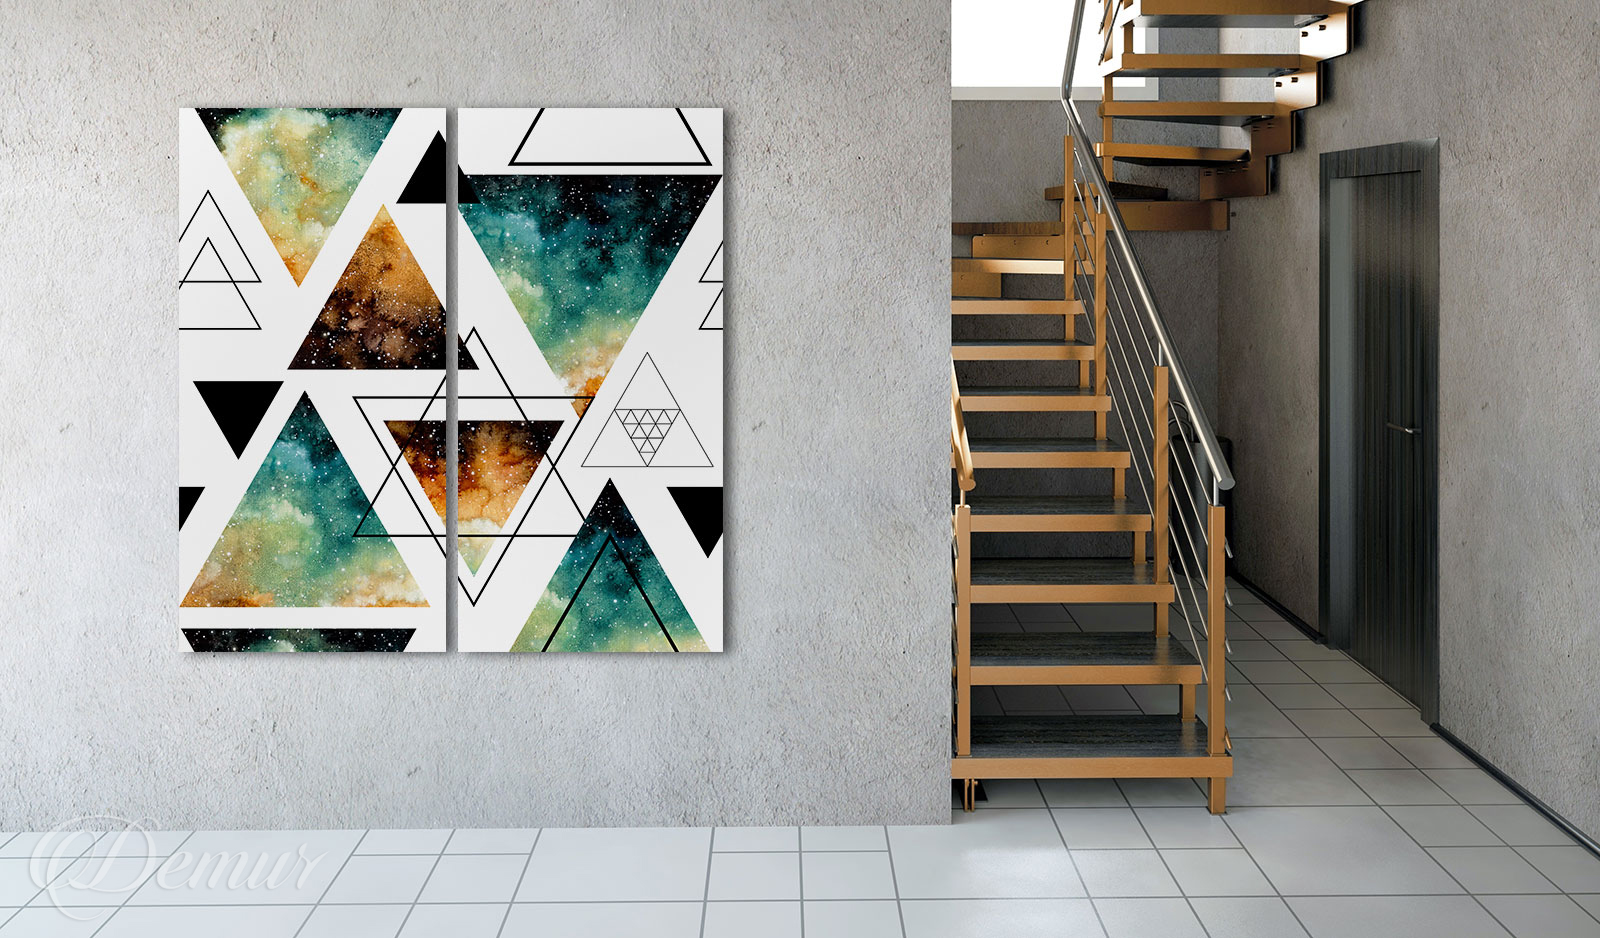 Obraz Galaktyczna Geometria - Pomysł na ścianę przy schodach - Demur